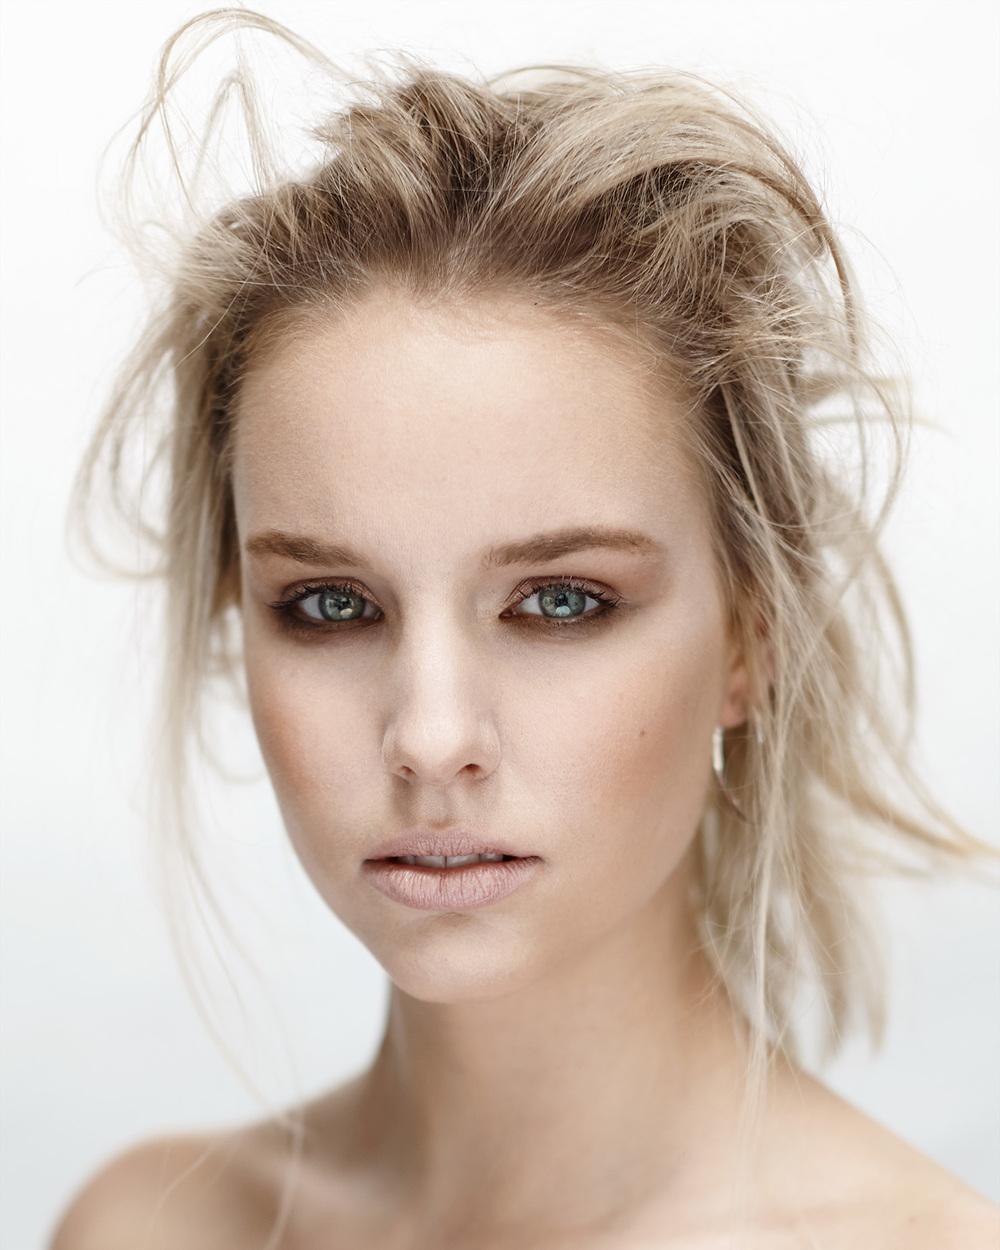 LAURA BAILEY BEAUTY PHOTOGRAPHY PAUL ARCHER.jpg - LAURA%2BBAILEY%2BBEAUTY%2BPHOTOGRAPHY%2BPAUL%2BARCHER